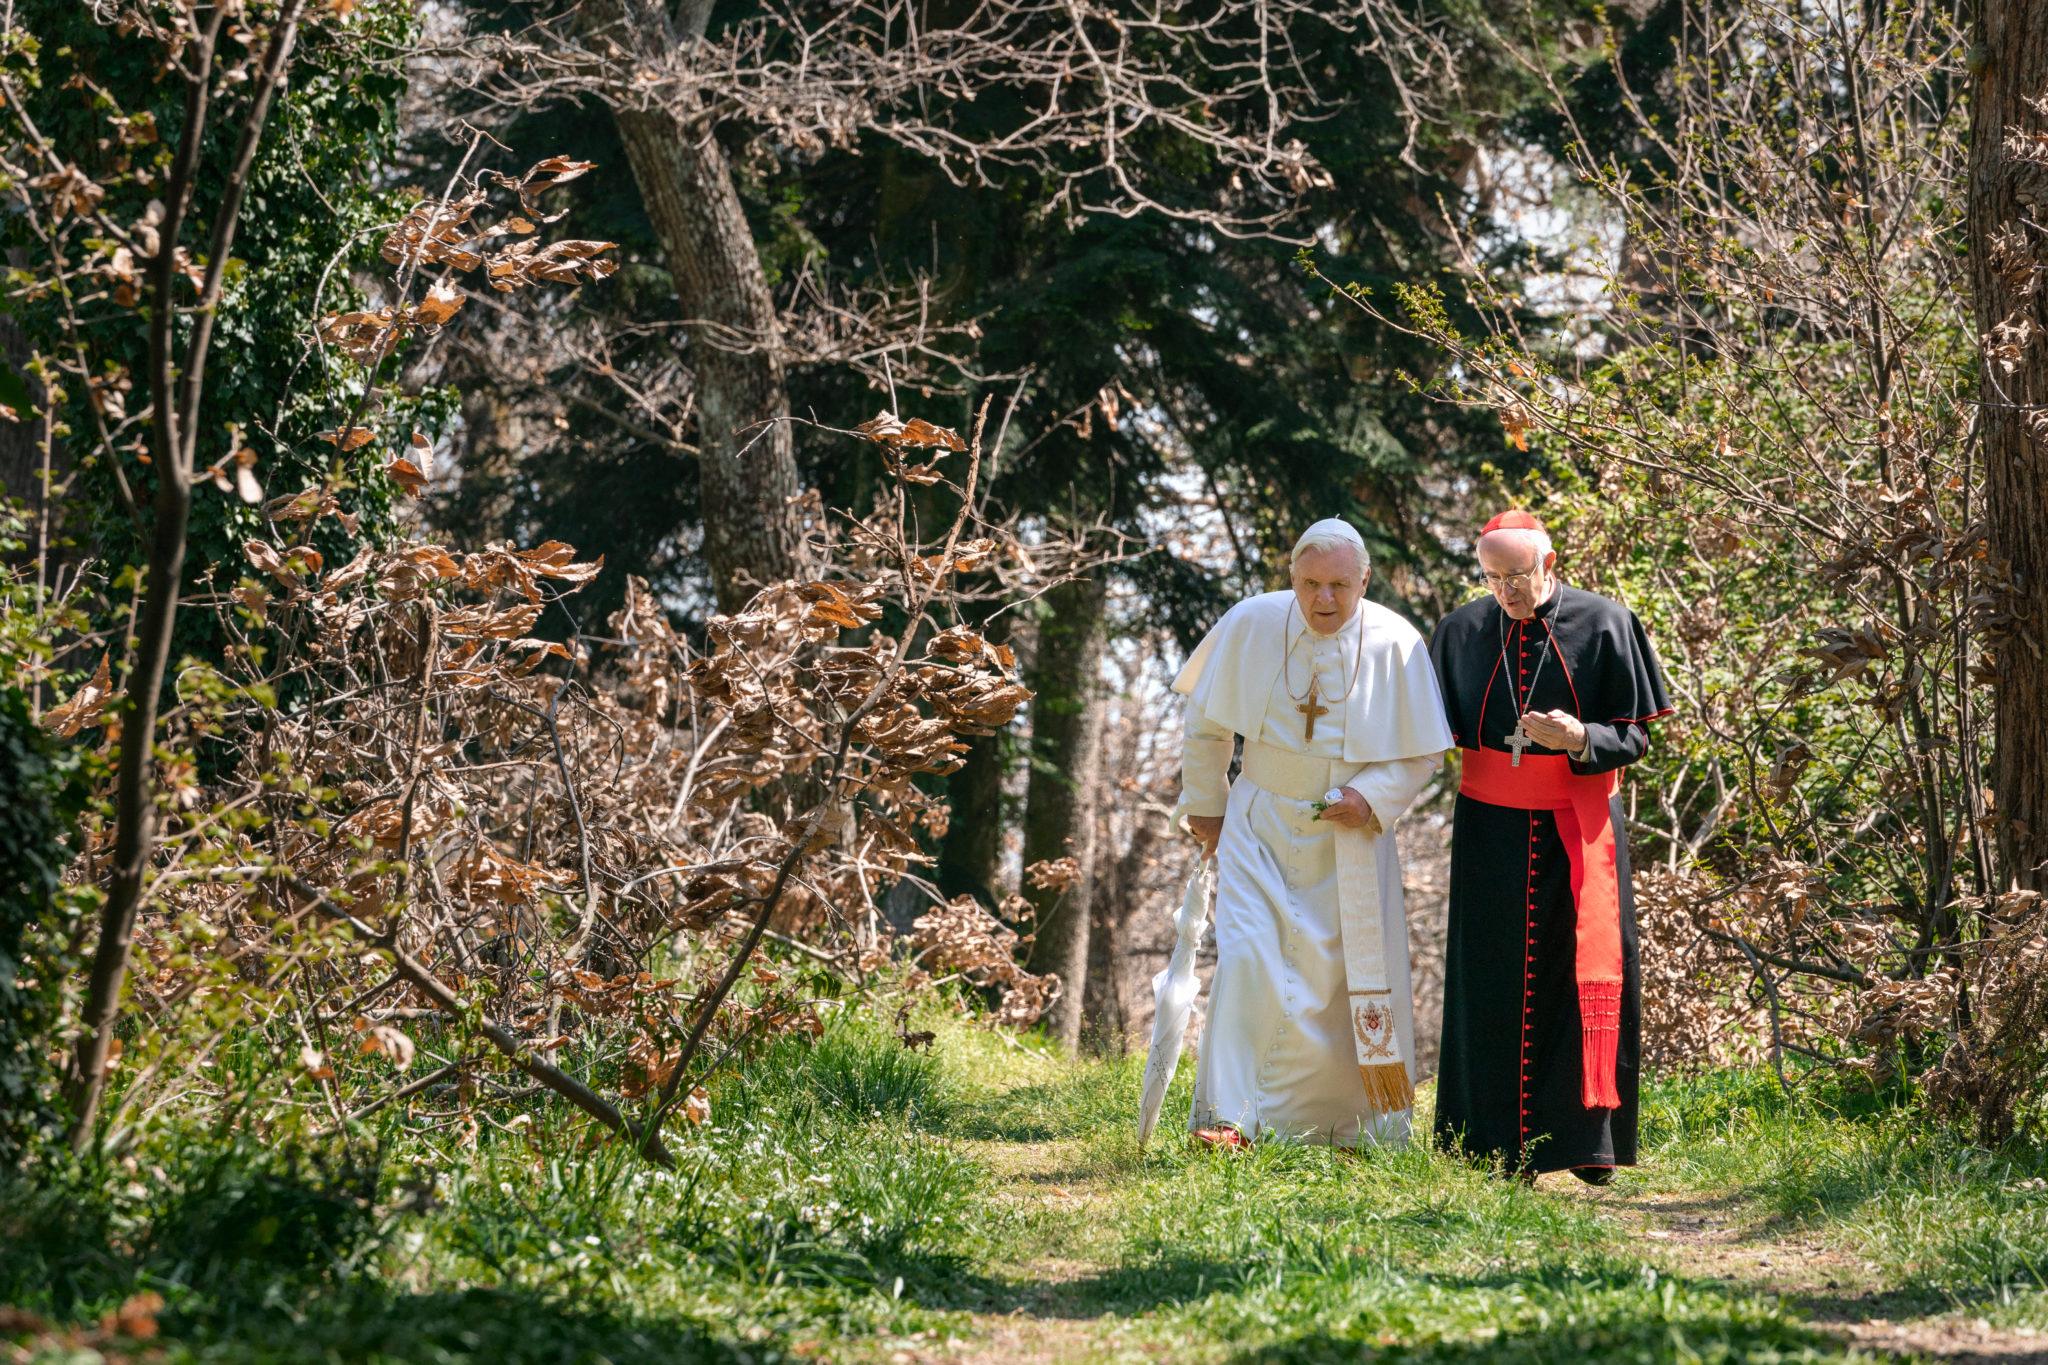 les-deux-papes-photo-anthony-hopkins-jonathan-pryce-avis-critique-scaled.